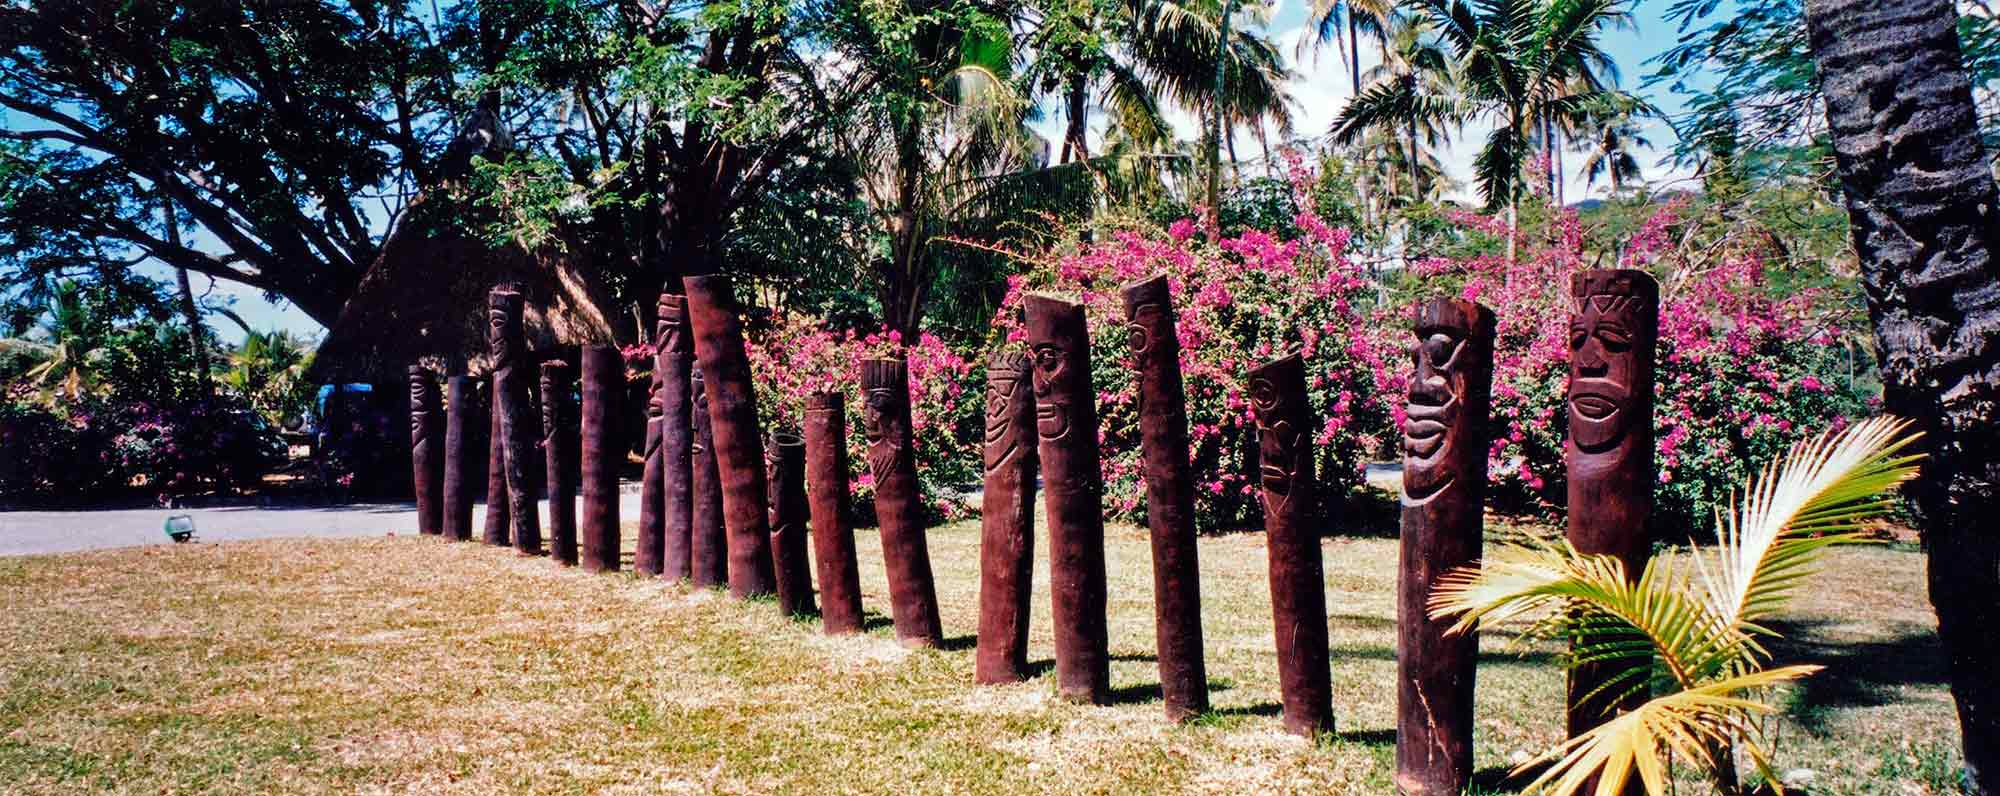 Alignements de totems en Nouvelle Calédonie